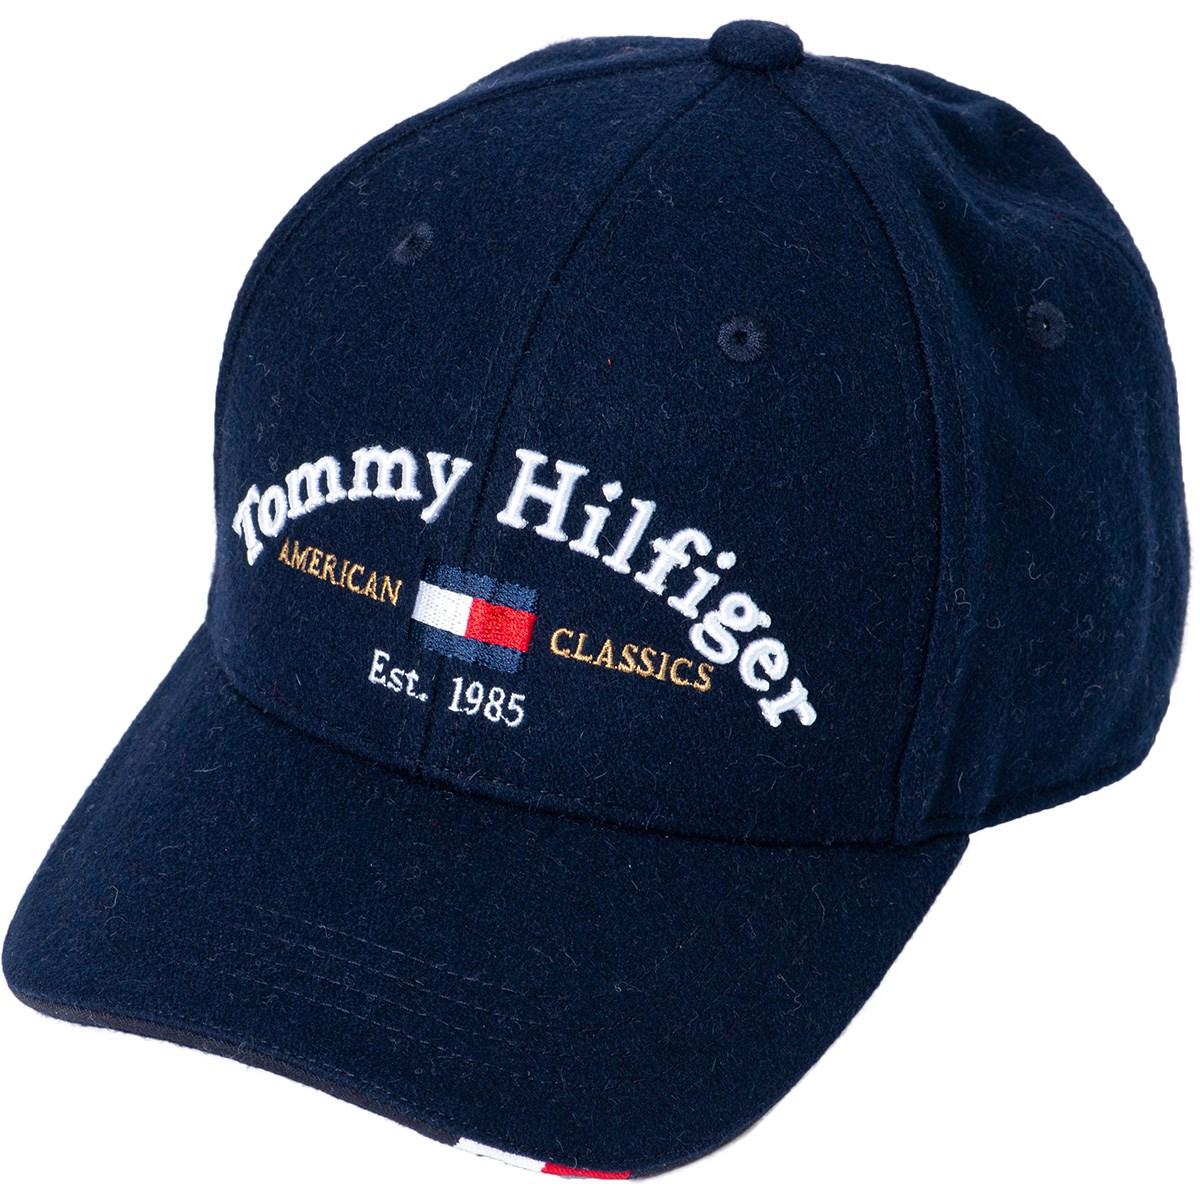 トミー ヒルフィガー ゴルフ TOMMY HILFIGER GOLF BRUシャツED ツイルキャップ フリー ネイビー 30